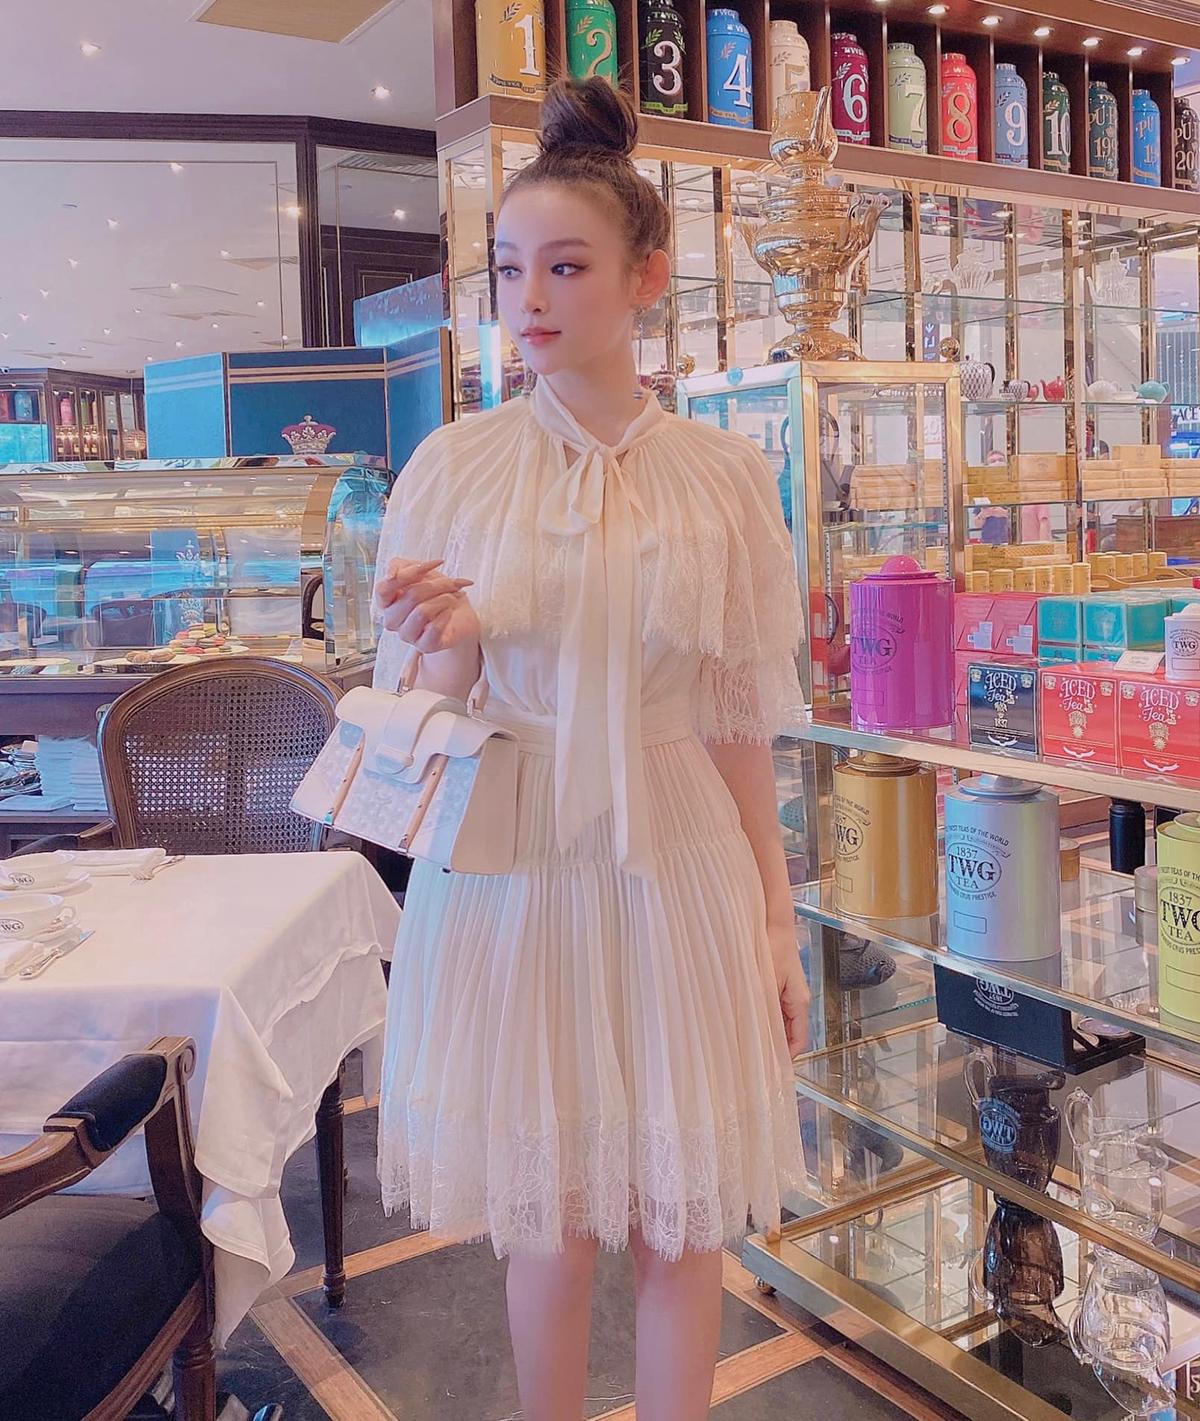 Huyền Baby mỗi lần đi uống trà chiều đều chọn những bộ váy đúng mốt nhất từ các thương hiệu.